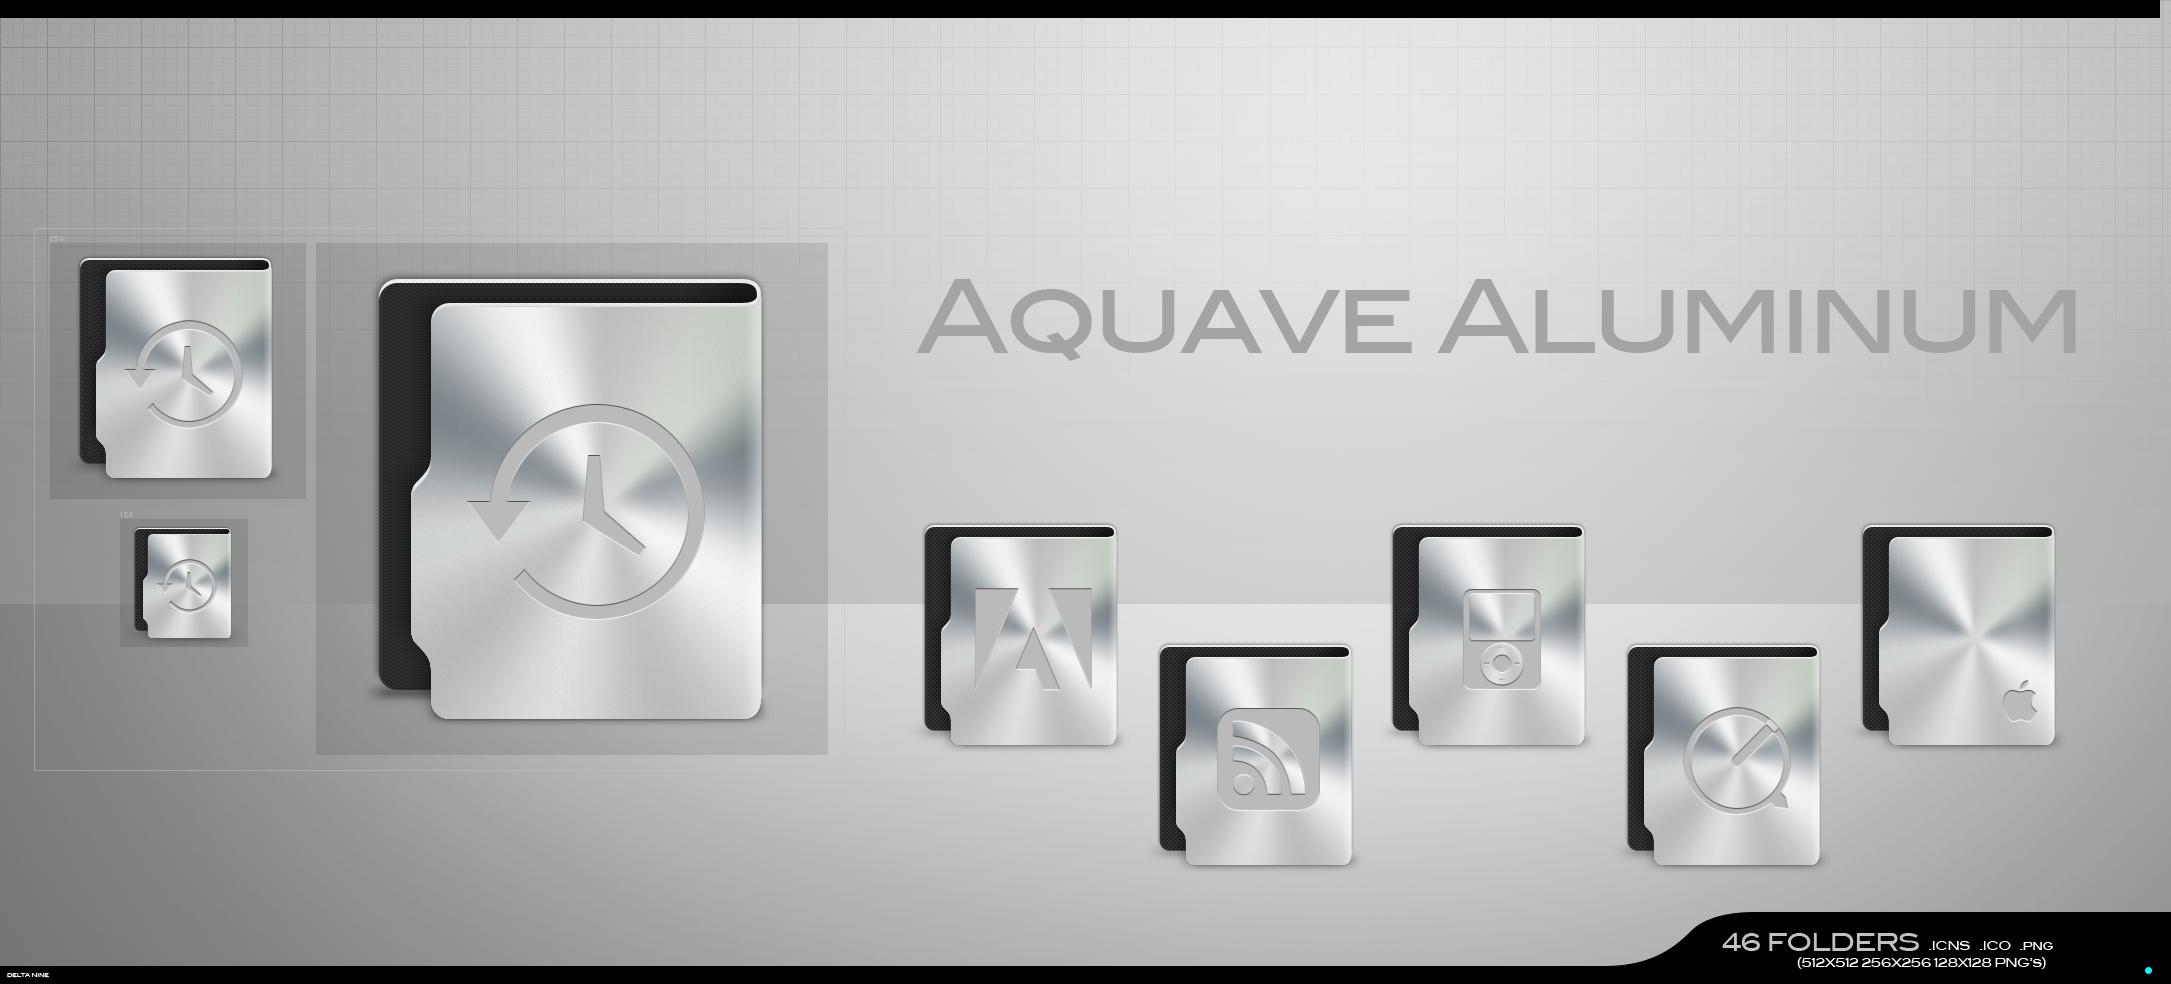 Aquave Aluminum by Delta909